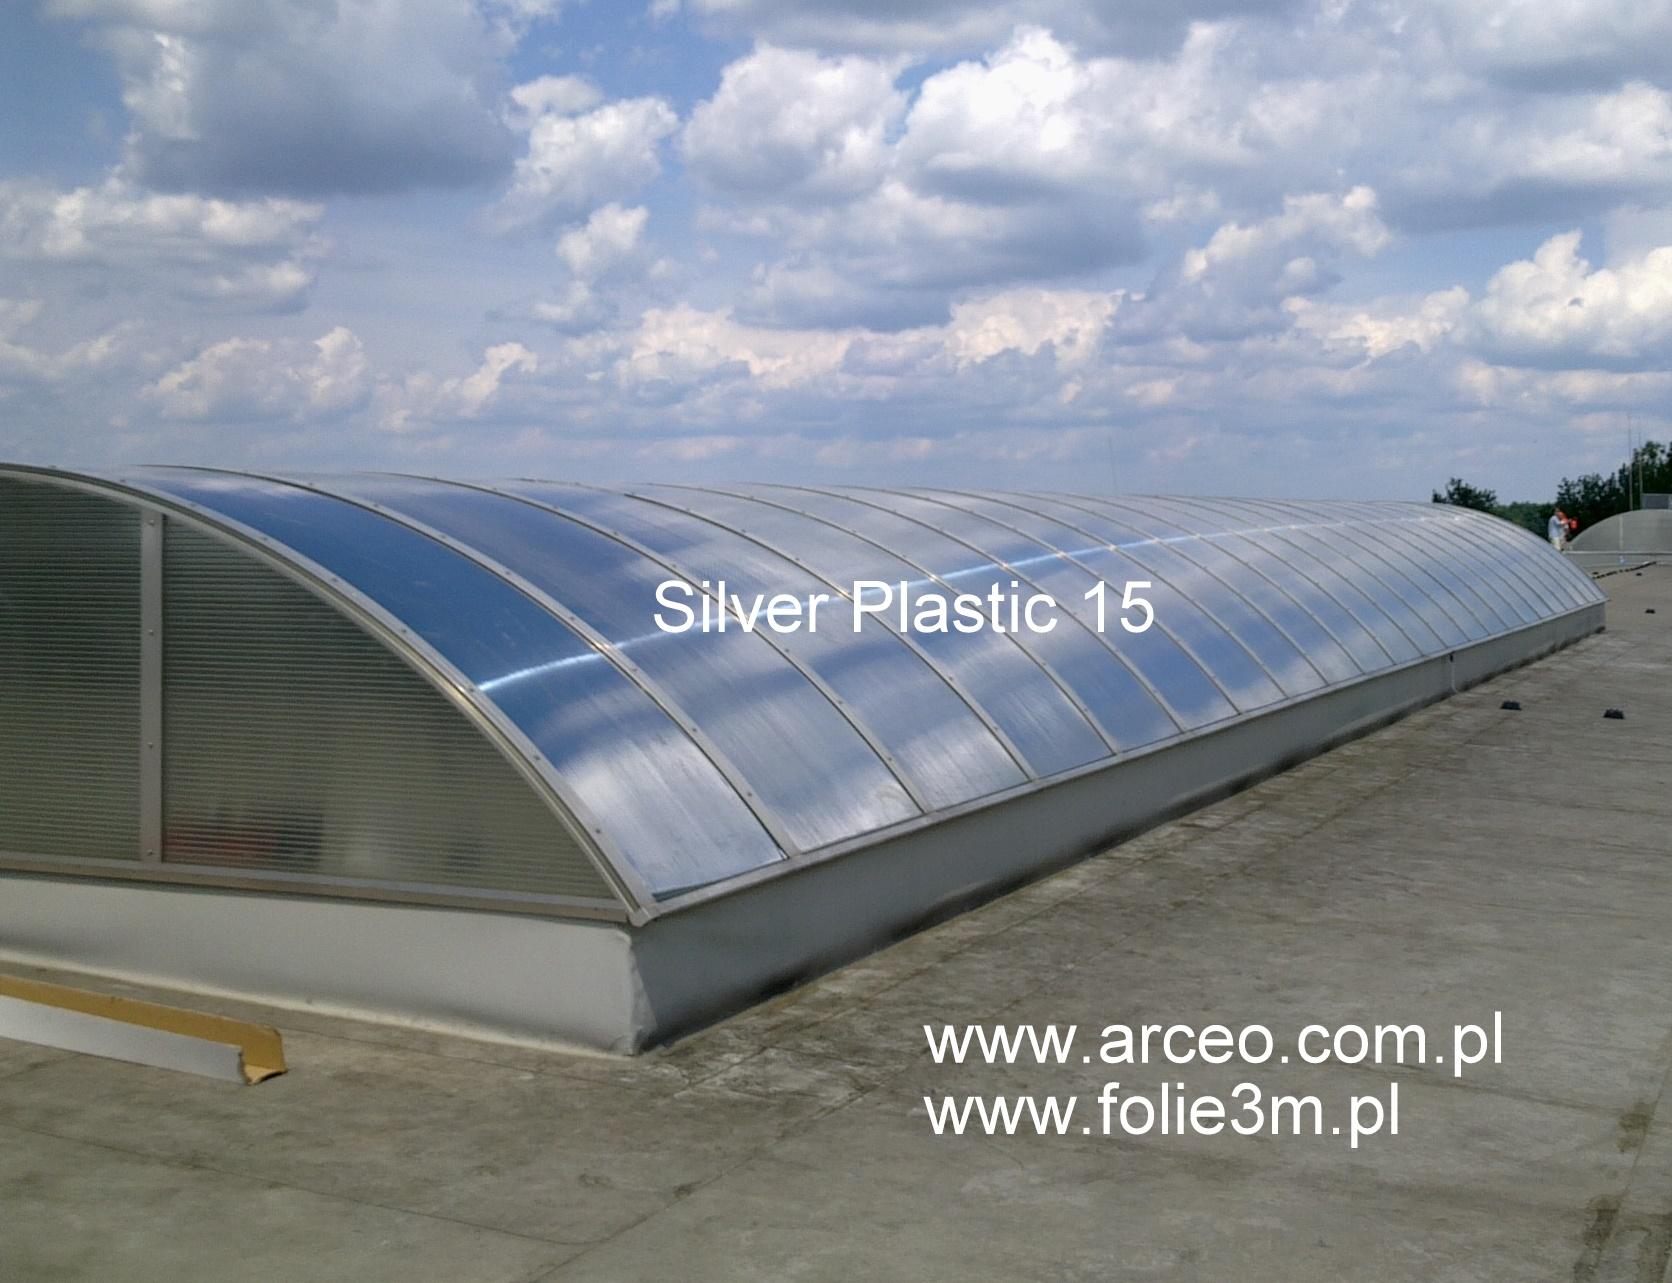 silver plastic 15